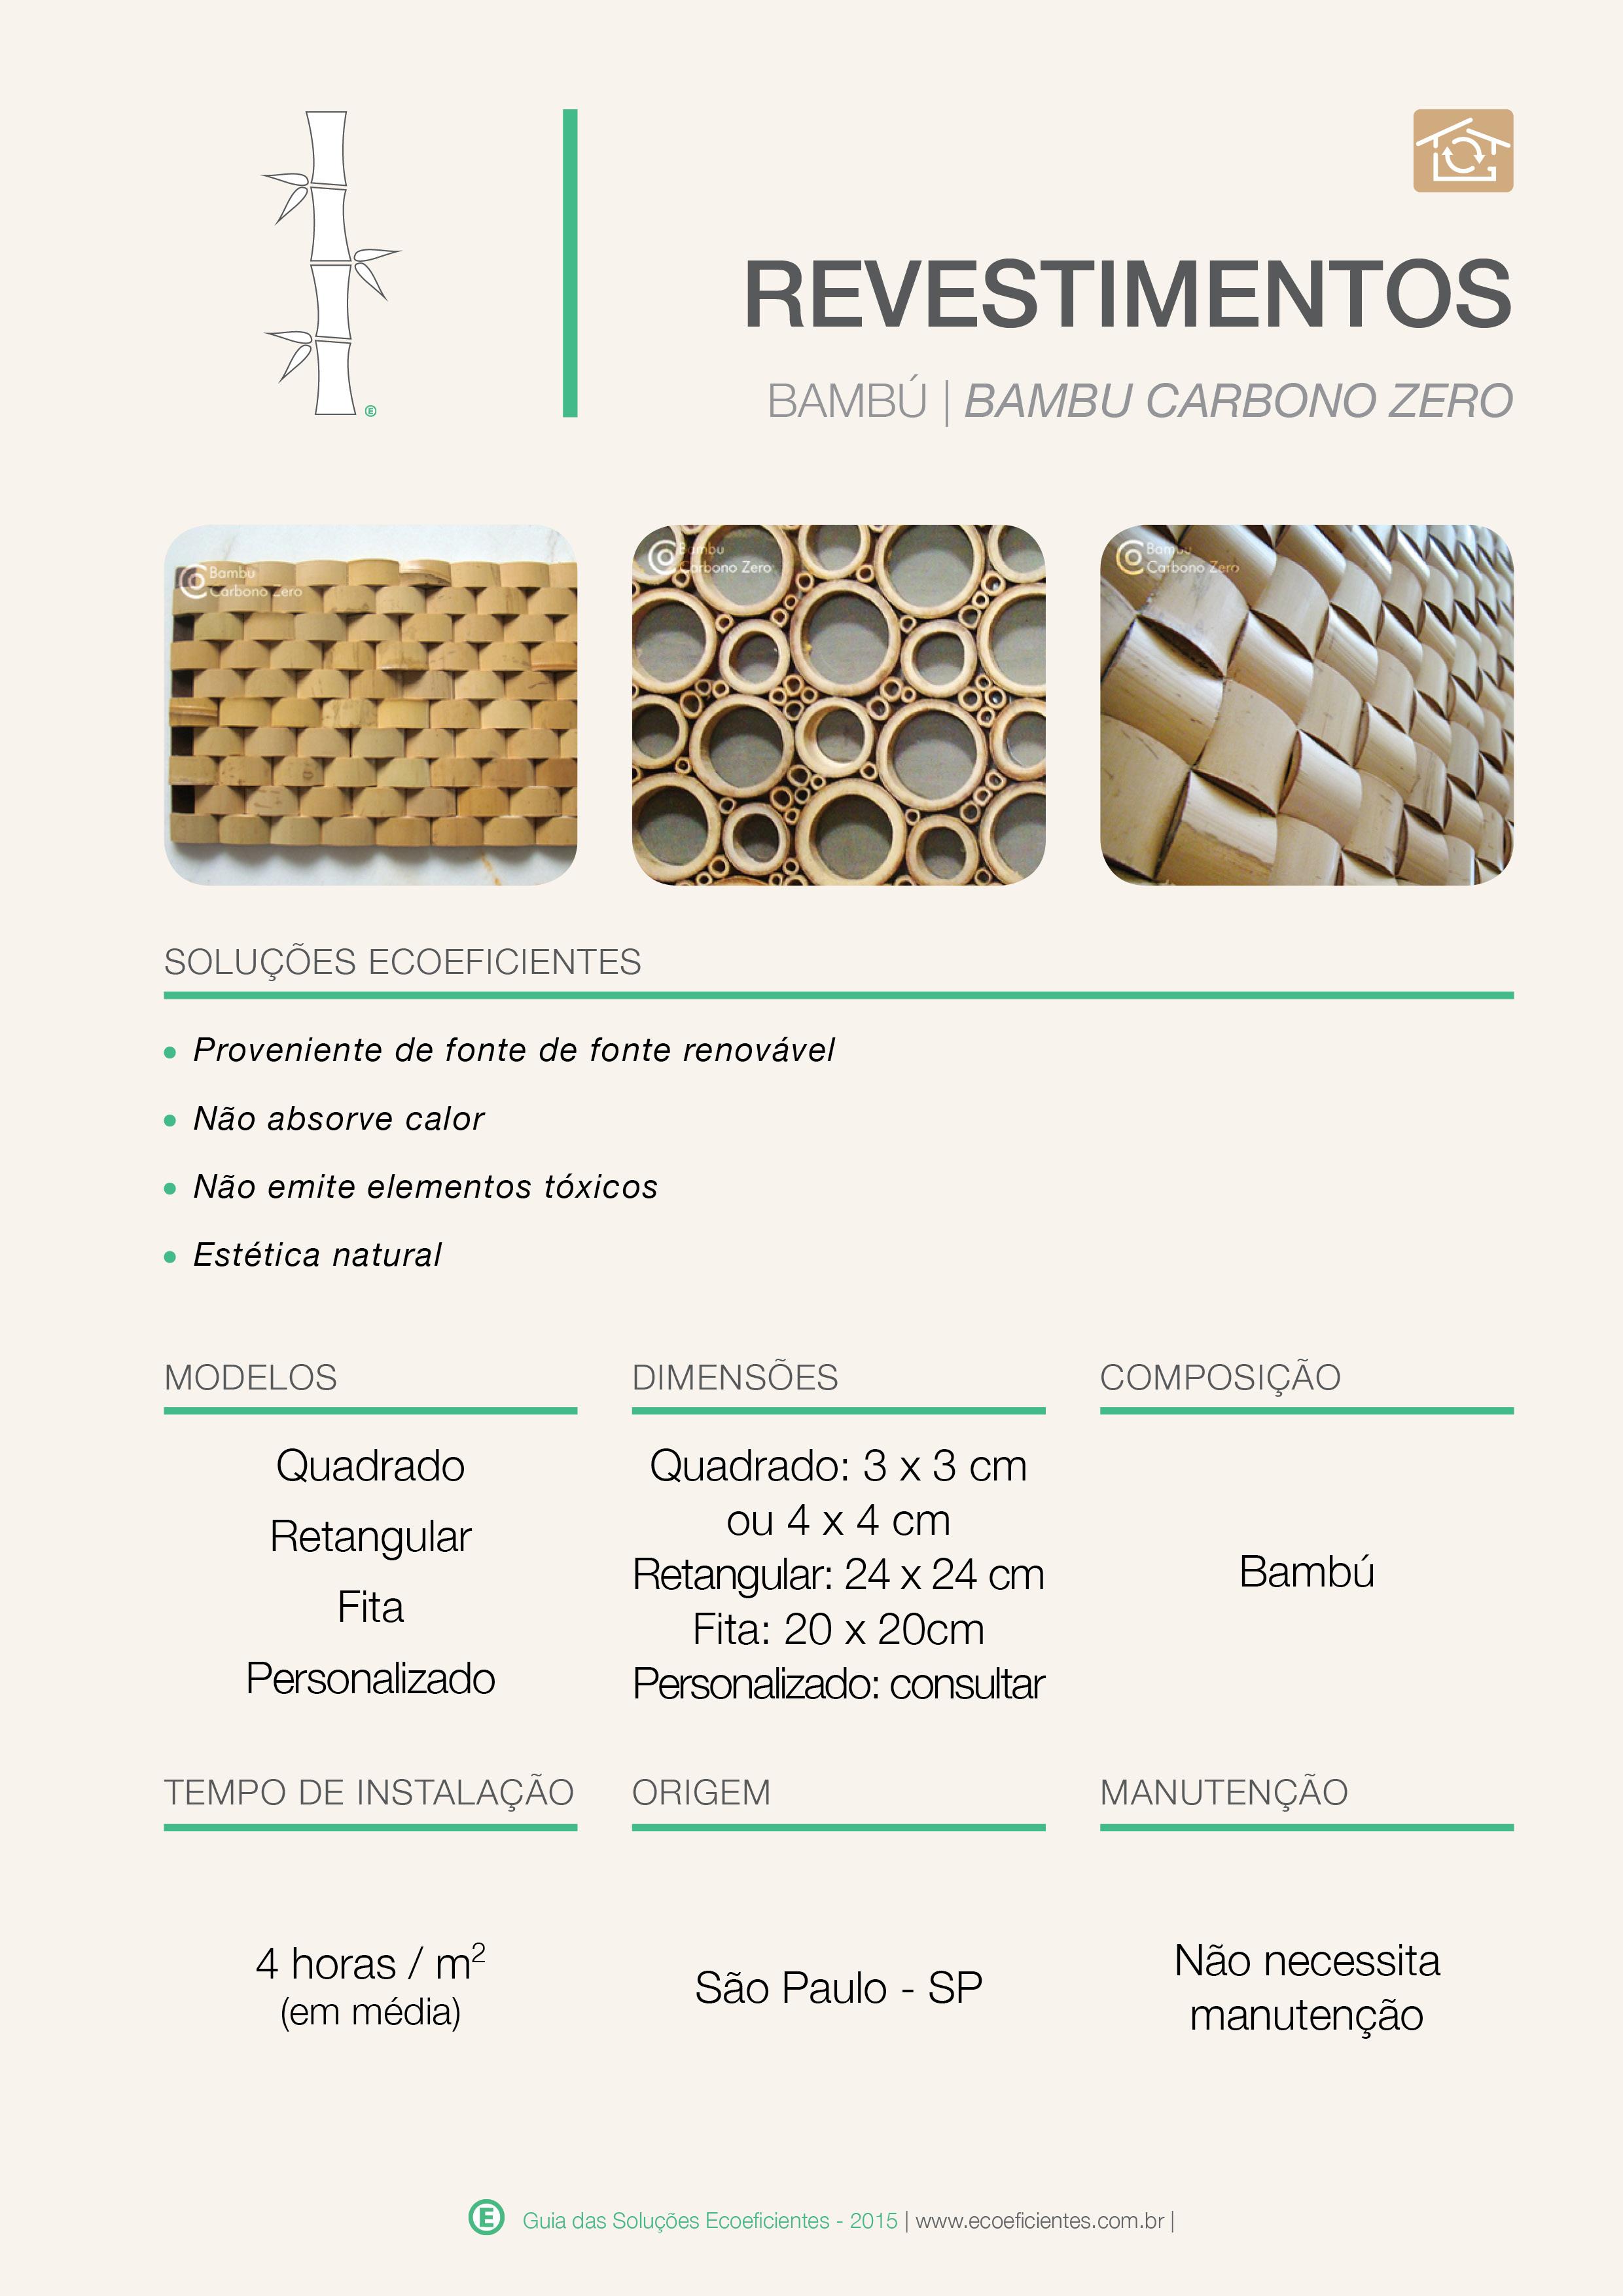 29-revestimentos-bambu-bambu-carbono-zero